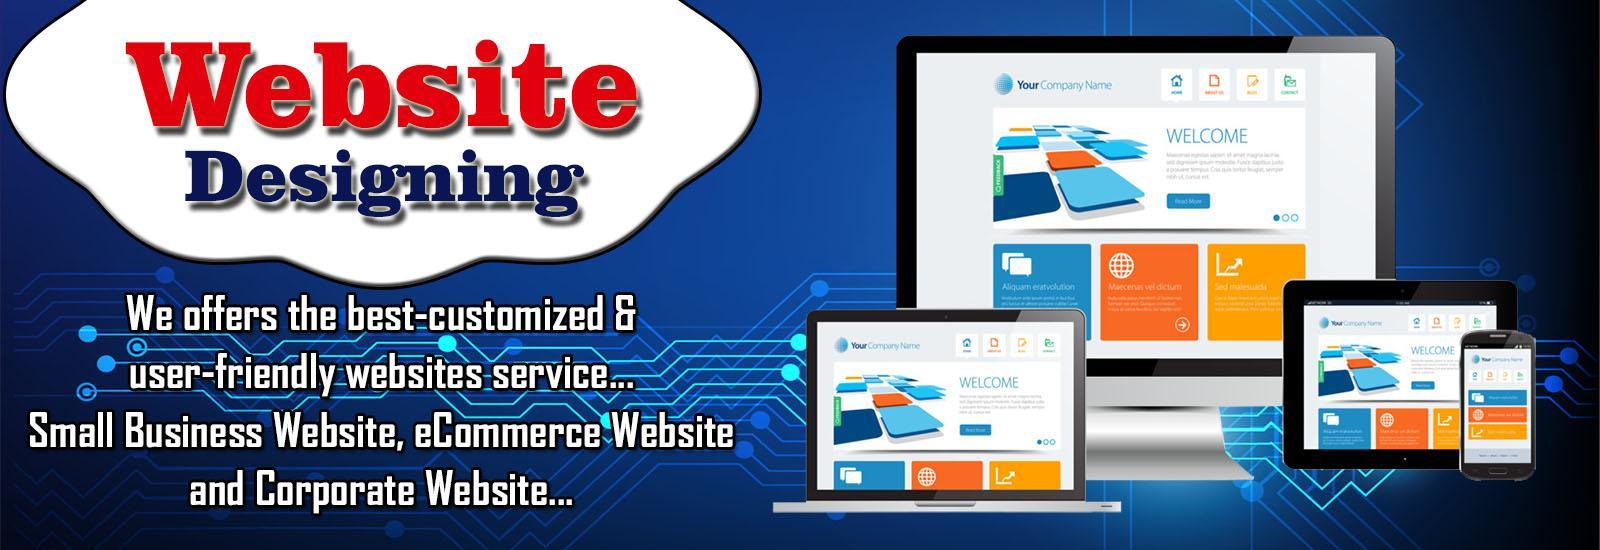 Website Designing Services Banner